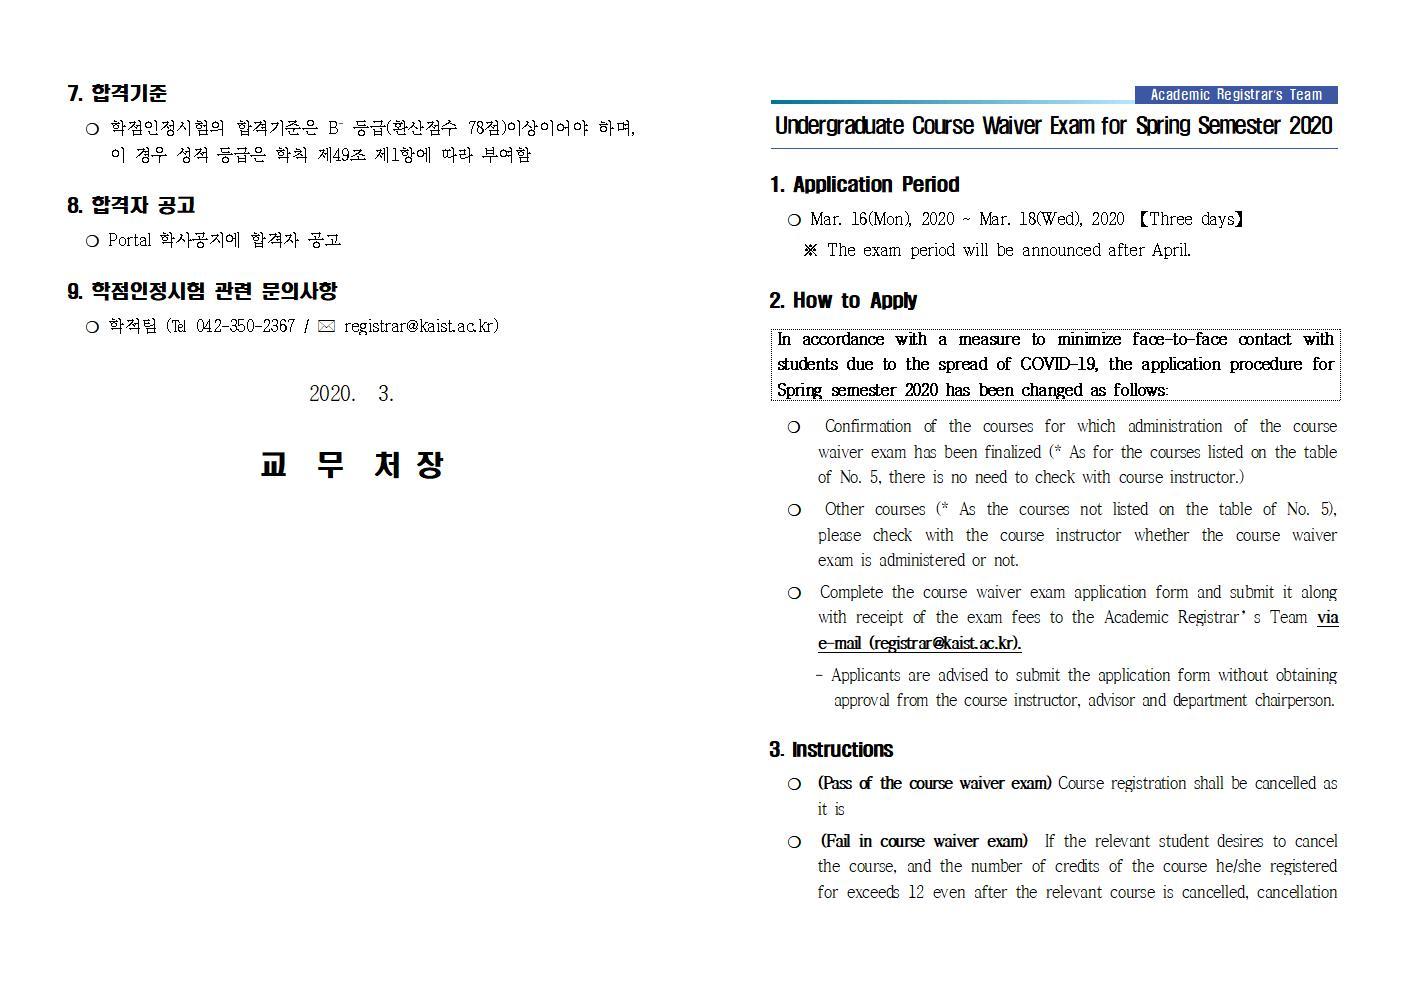 2020학년도 봄학기 학사과정 학점인정시험공고(국영문)002.jpg